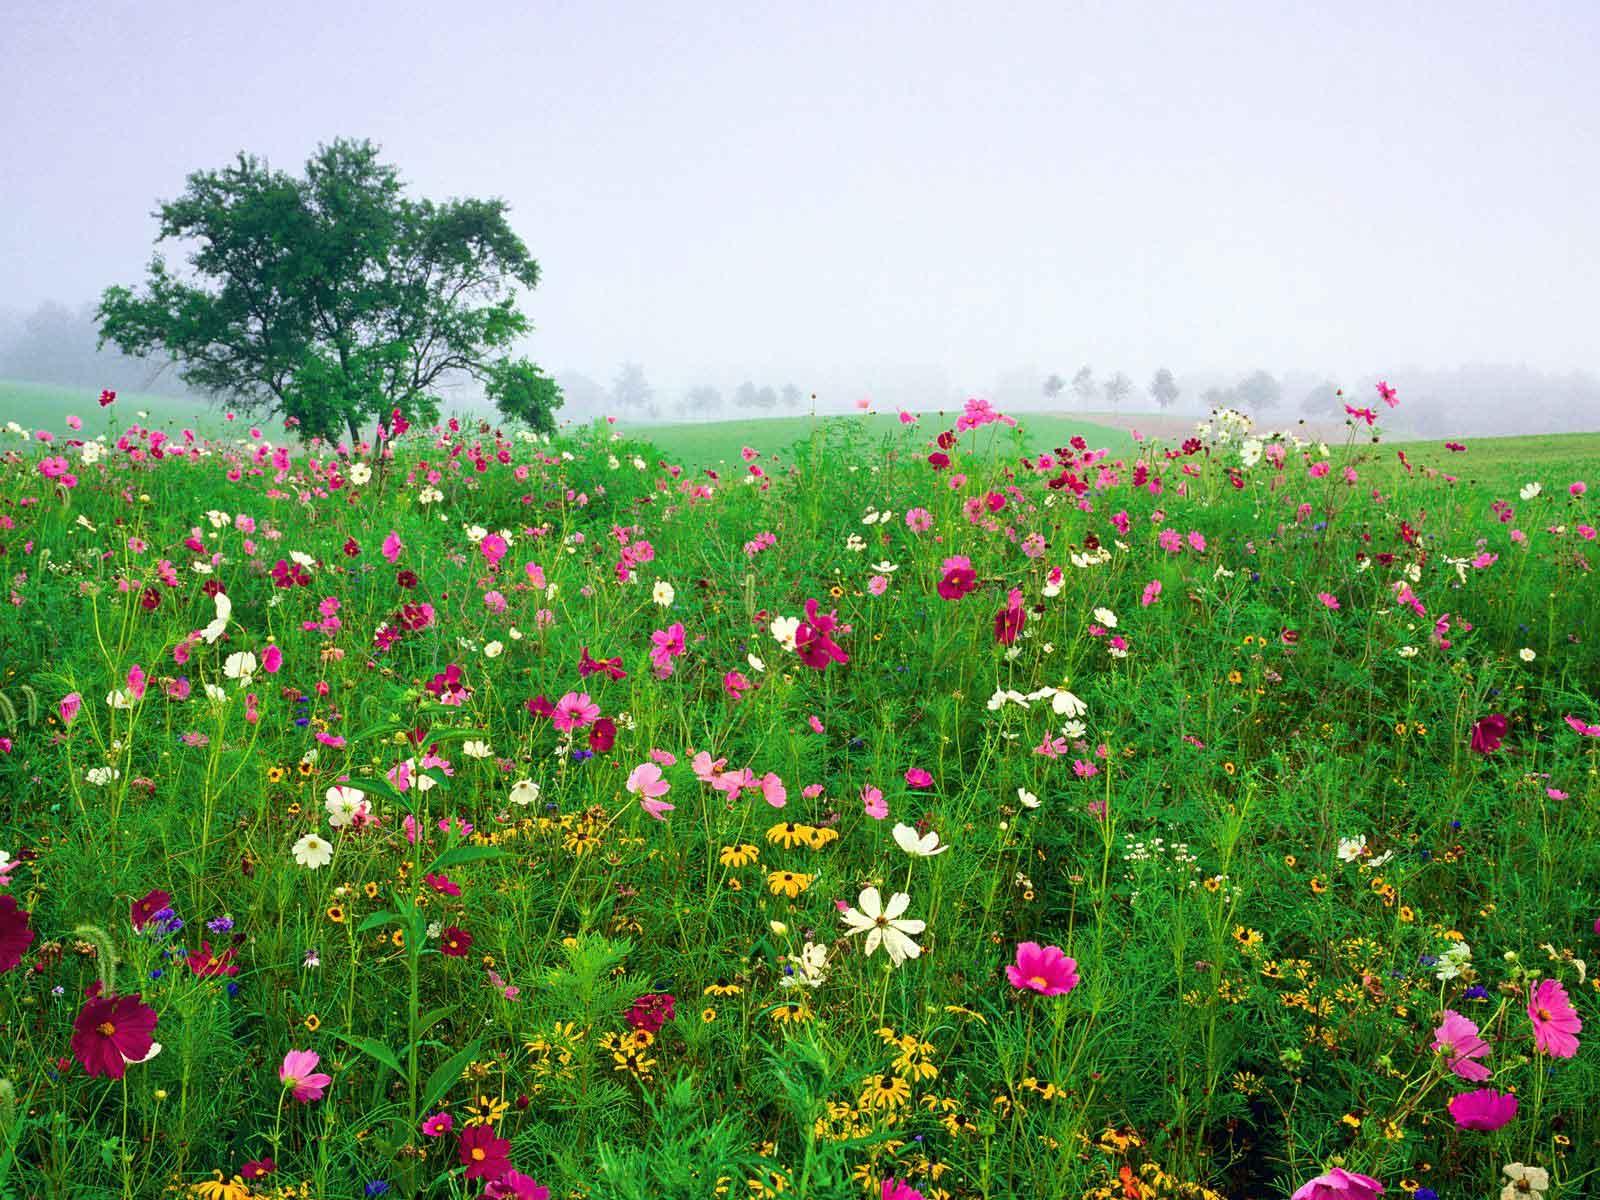 Imagini pentru flori de câmp